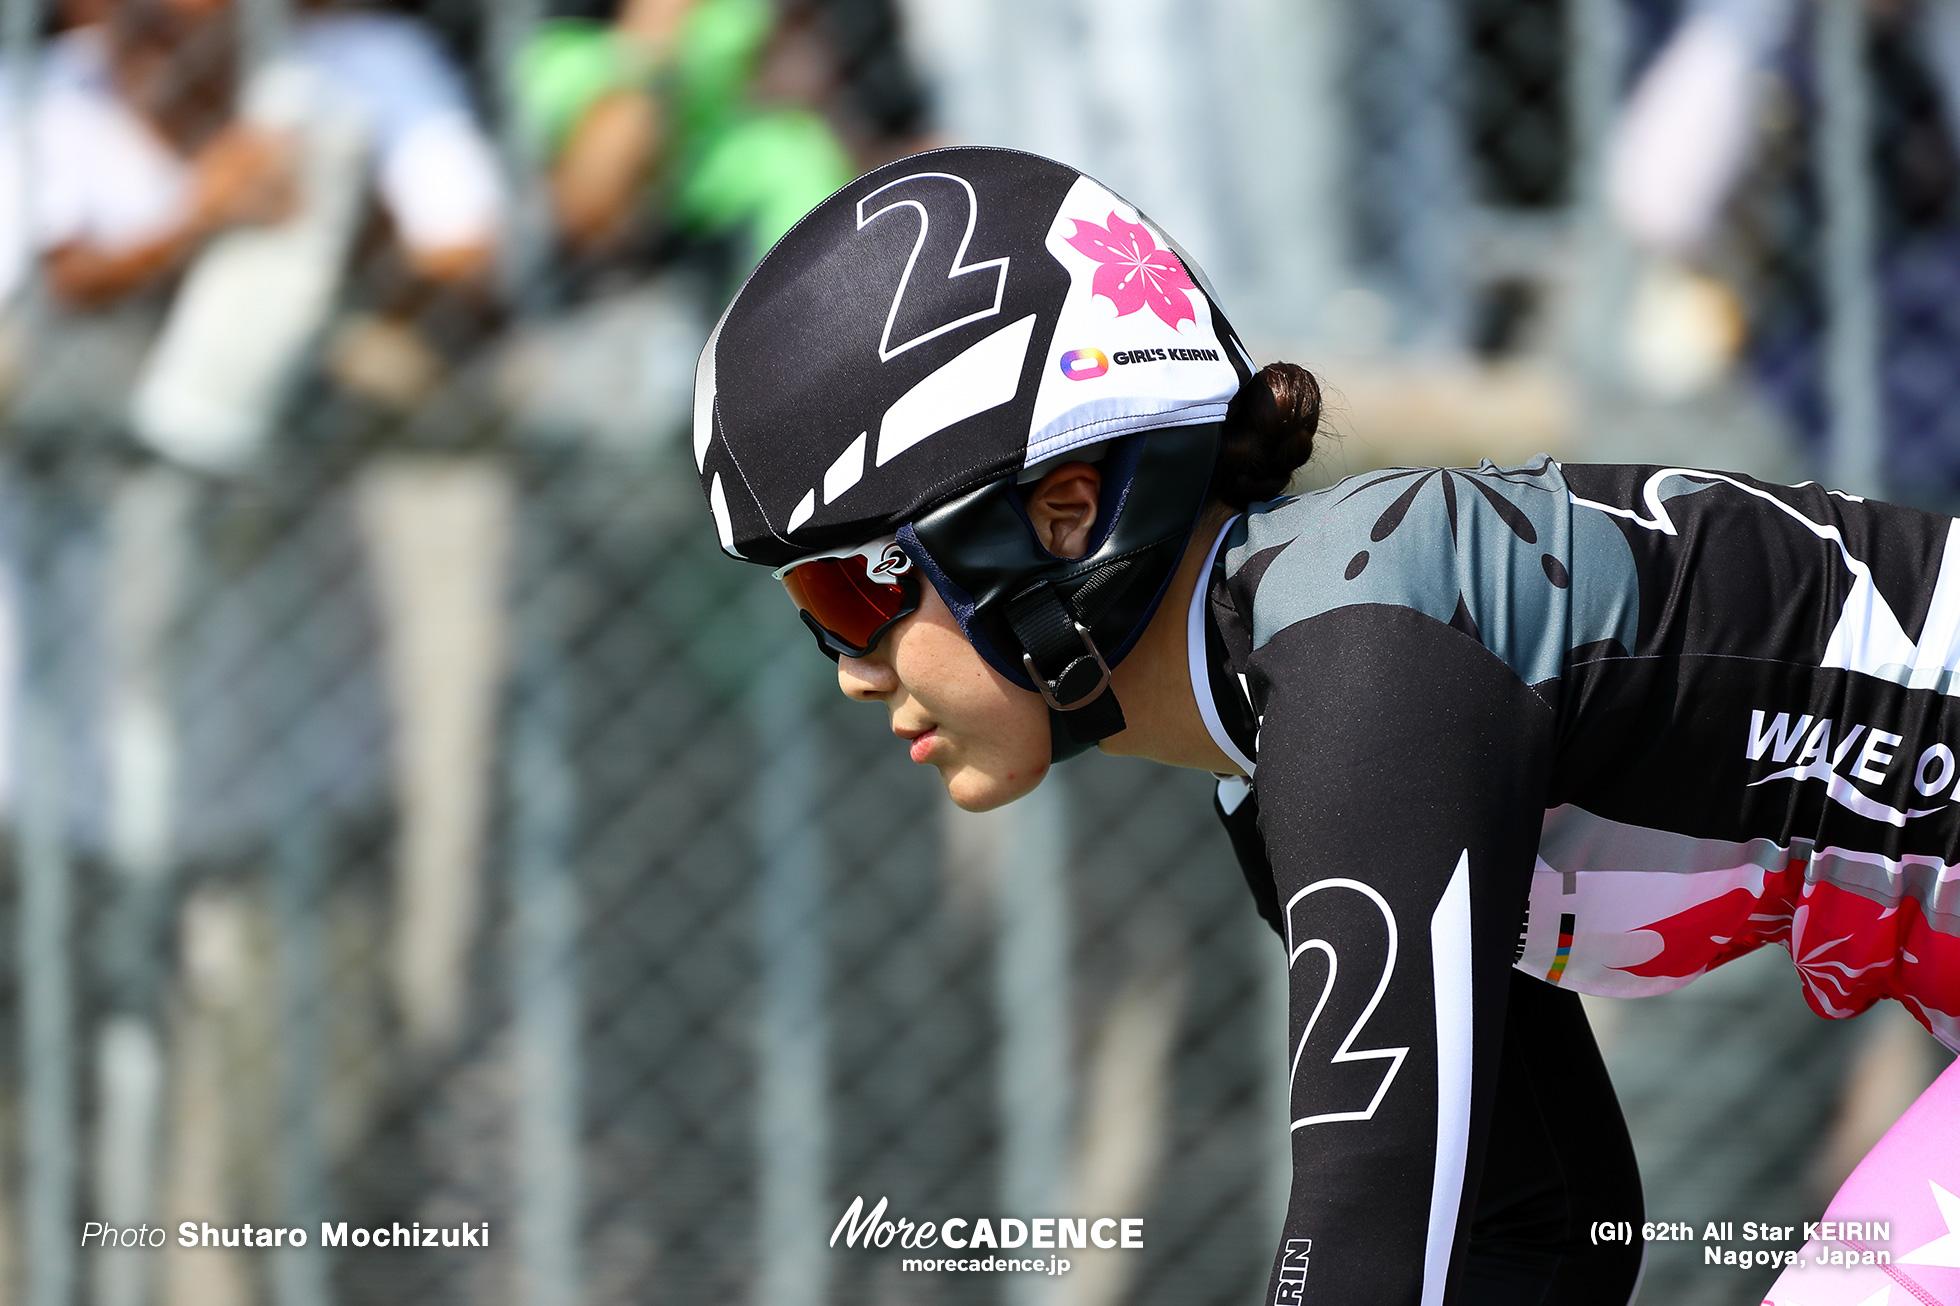 ガールズケイリンコレクション2019名古屋ステージ・ガールズドリームレース